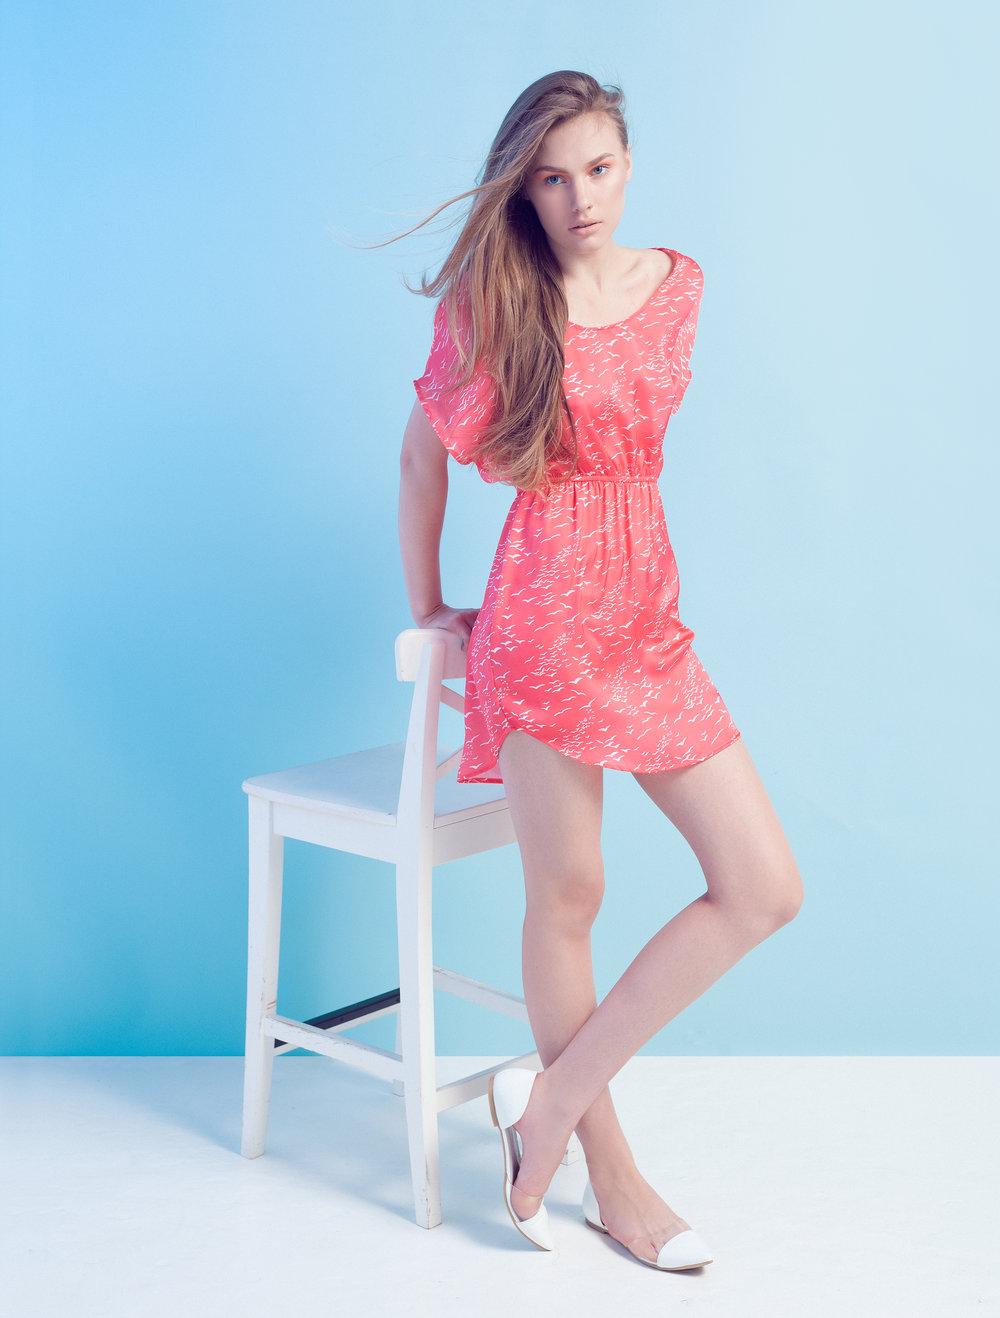 JessicaFaulkner_Spring13-011.jpg